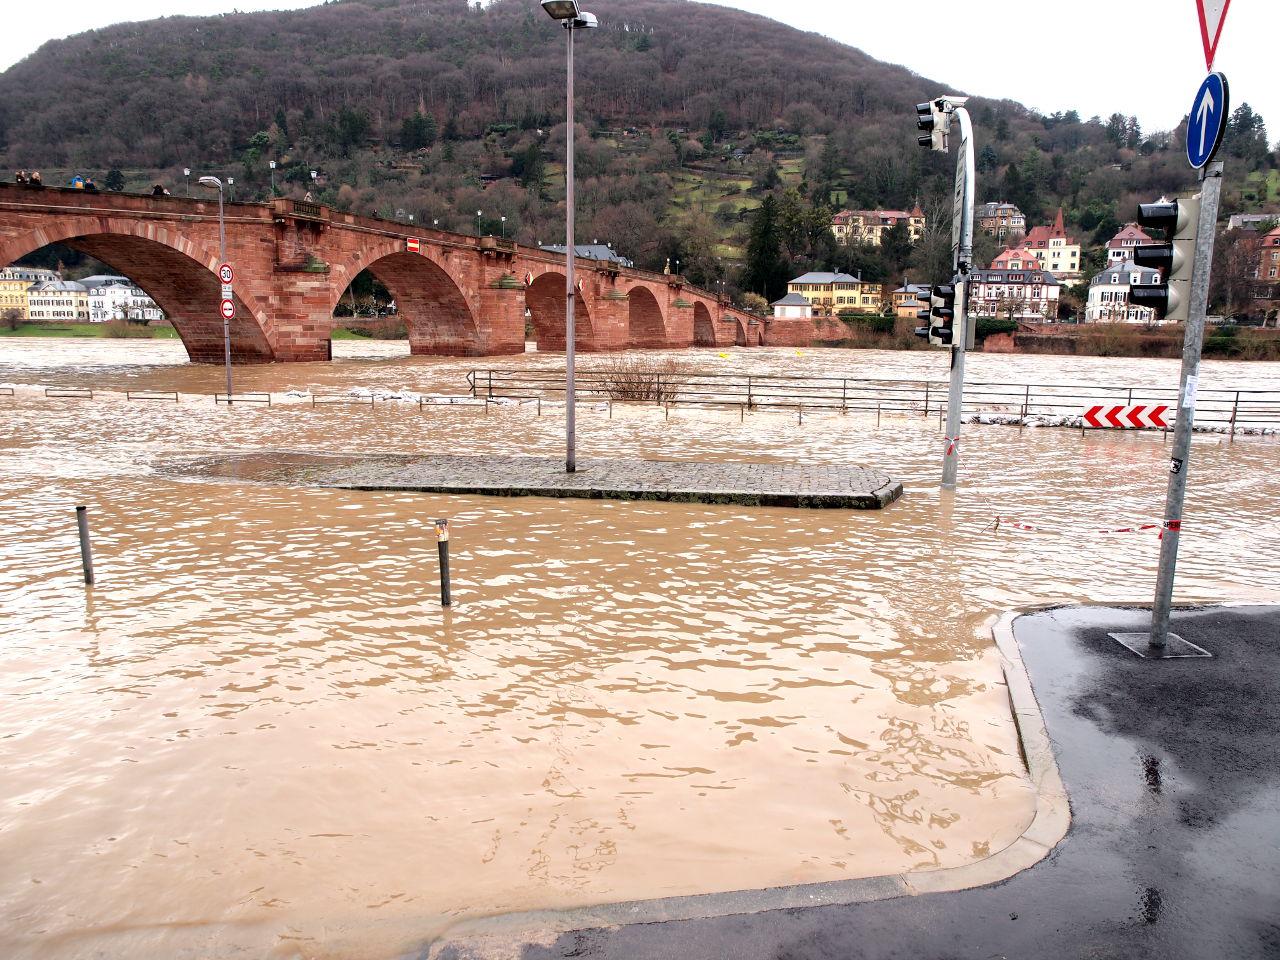 氾濫したネッカー川、川沿いの道路が冠水している、ハイデルベルク、2018.01.06. © Matsuda Masahiro